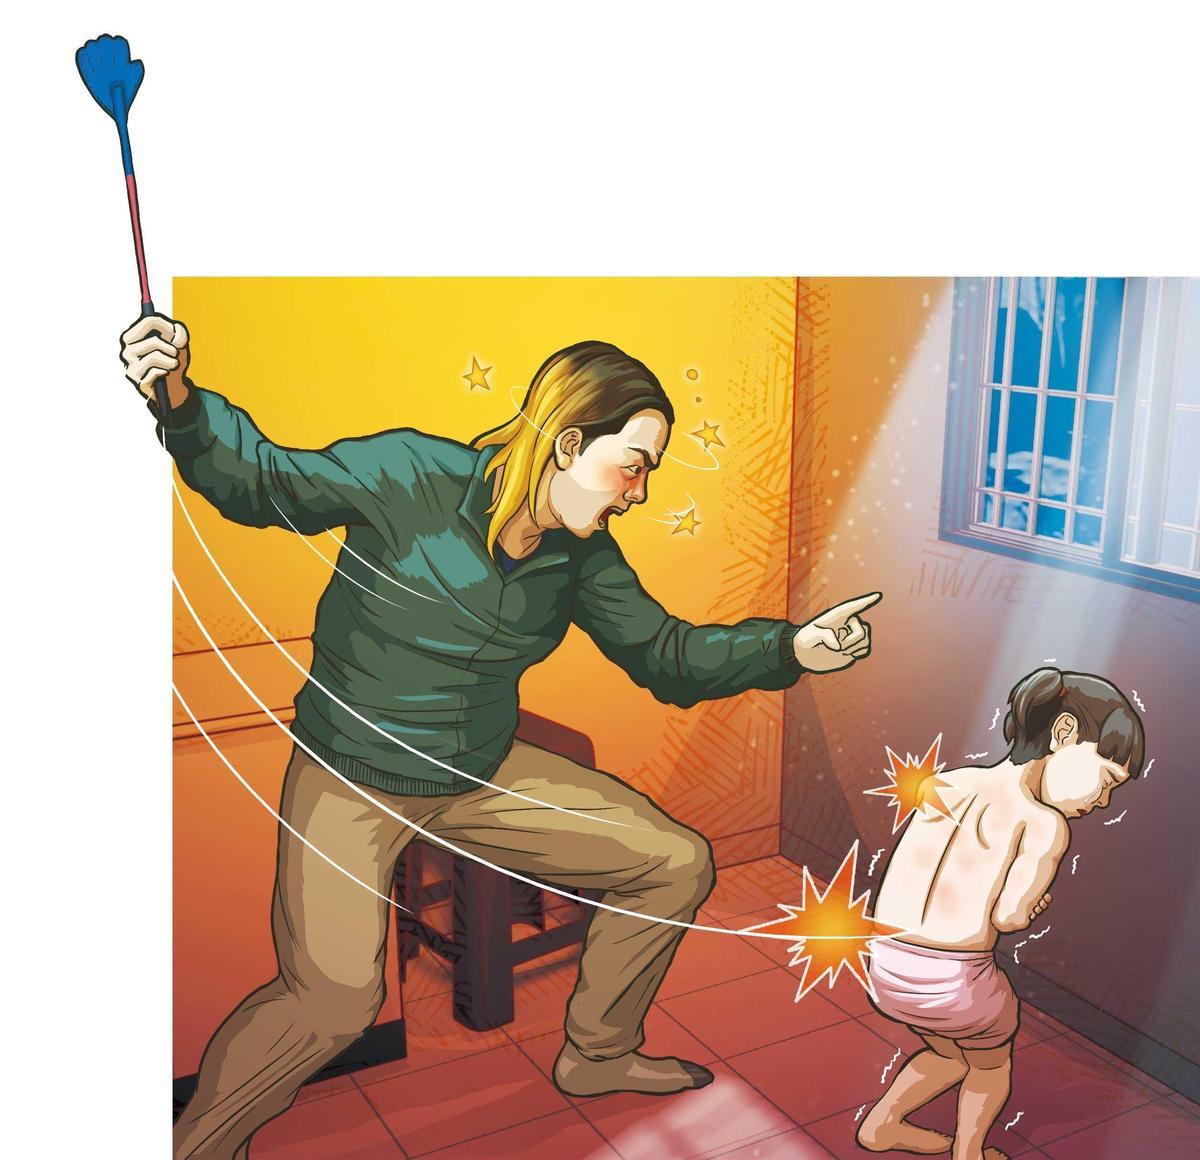 阿宏脫掉女童的衣服,並拿「愛的小手」毆打女童。(圖為示意畫面)